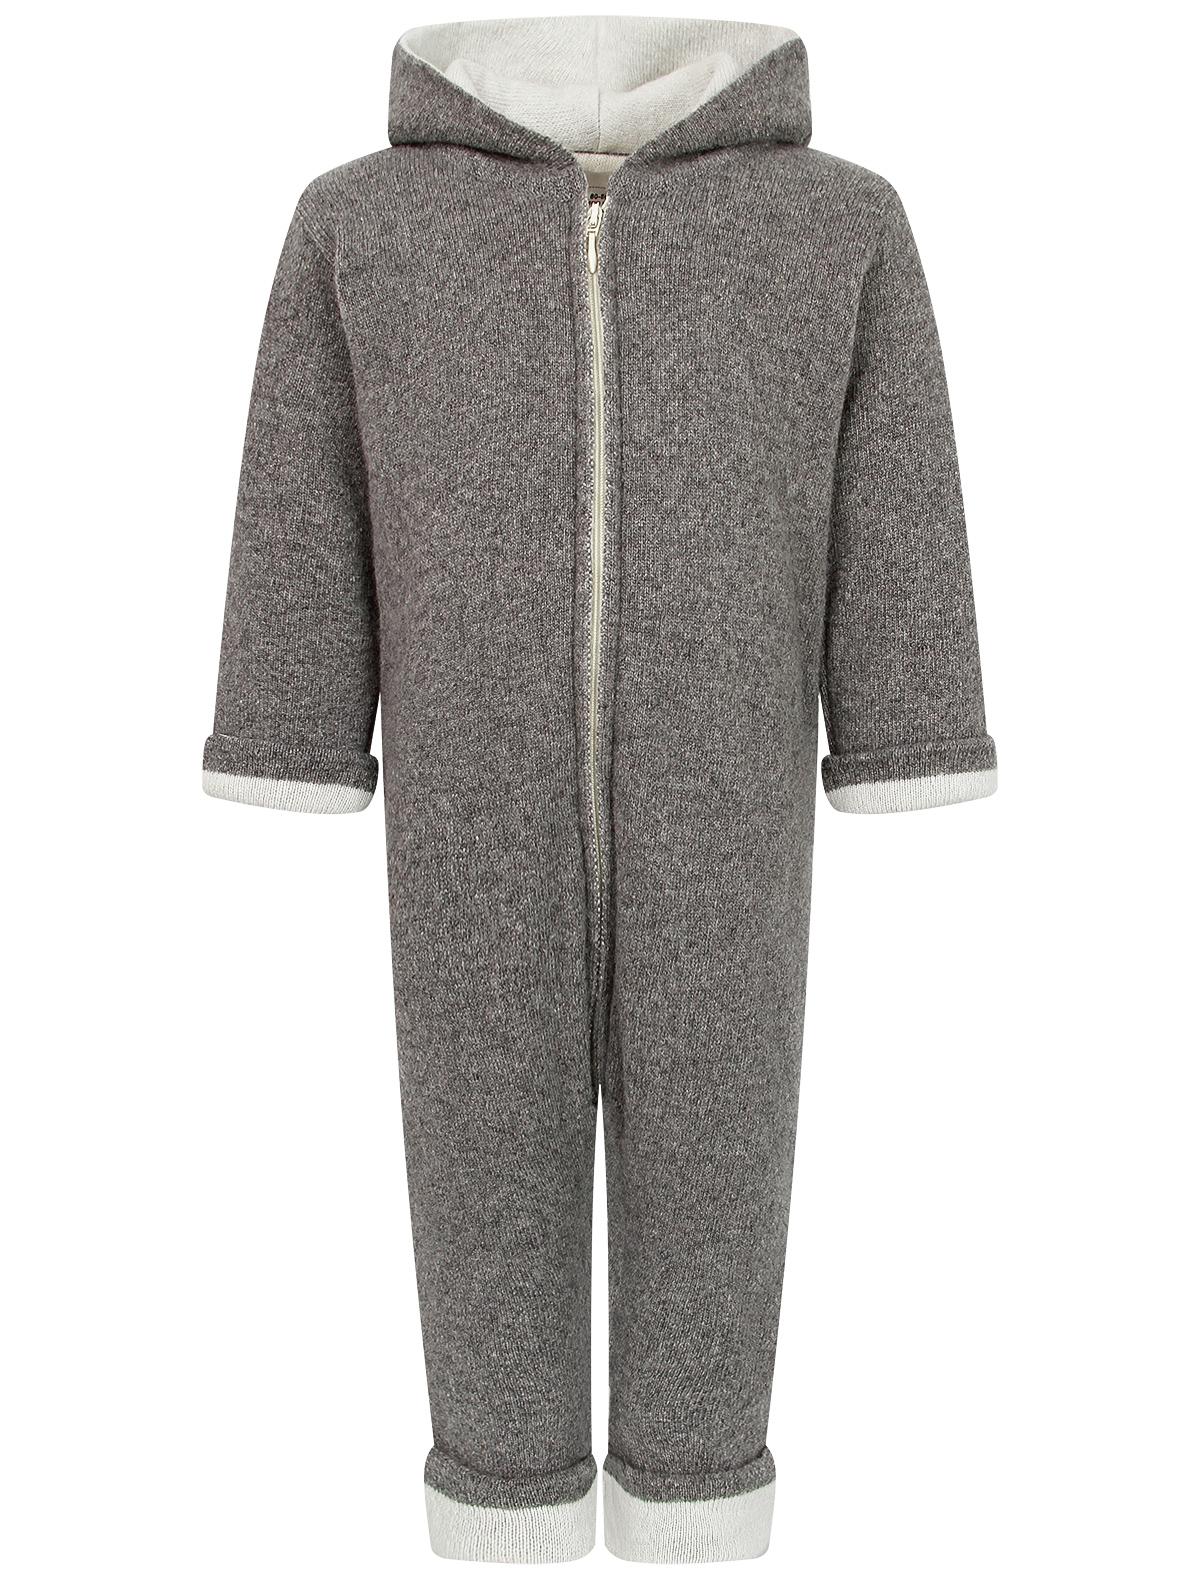 2256749, Комбинезон Air wool, серый, 1284529080470  - купить со скидкой